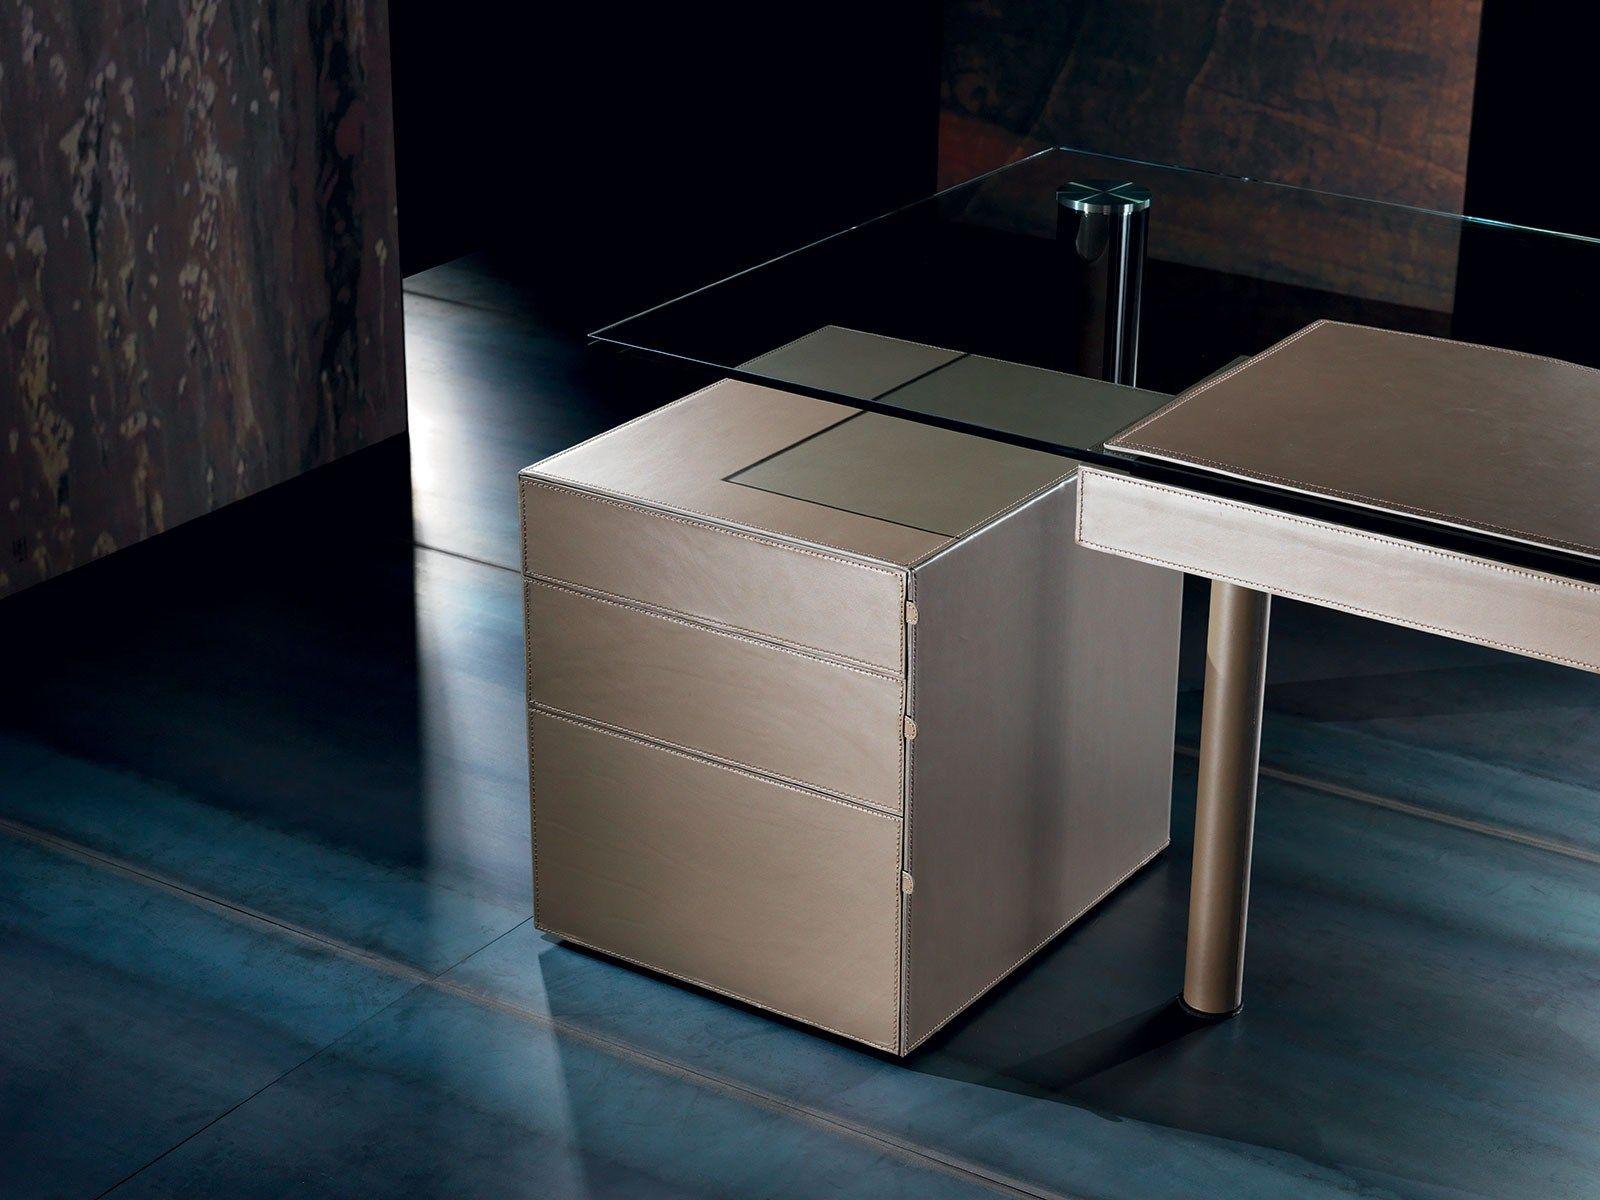 ABA Executive desk By Italy Dream Design design Andrea Branzi